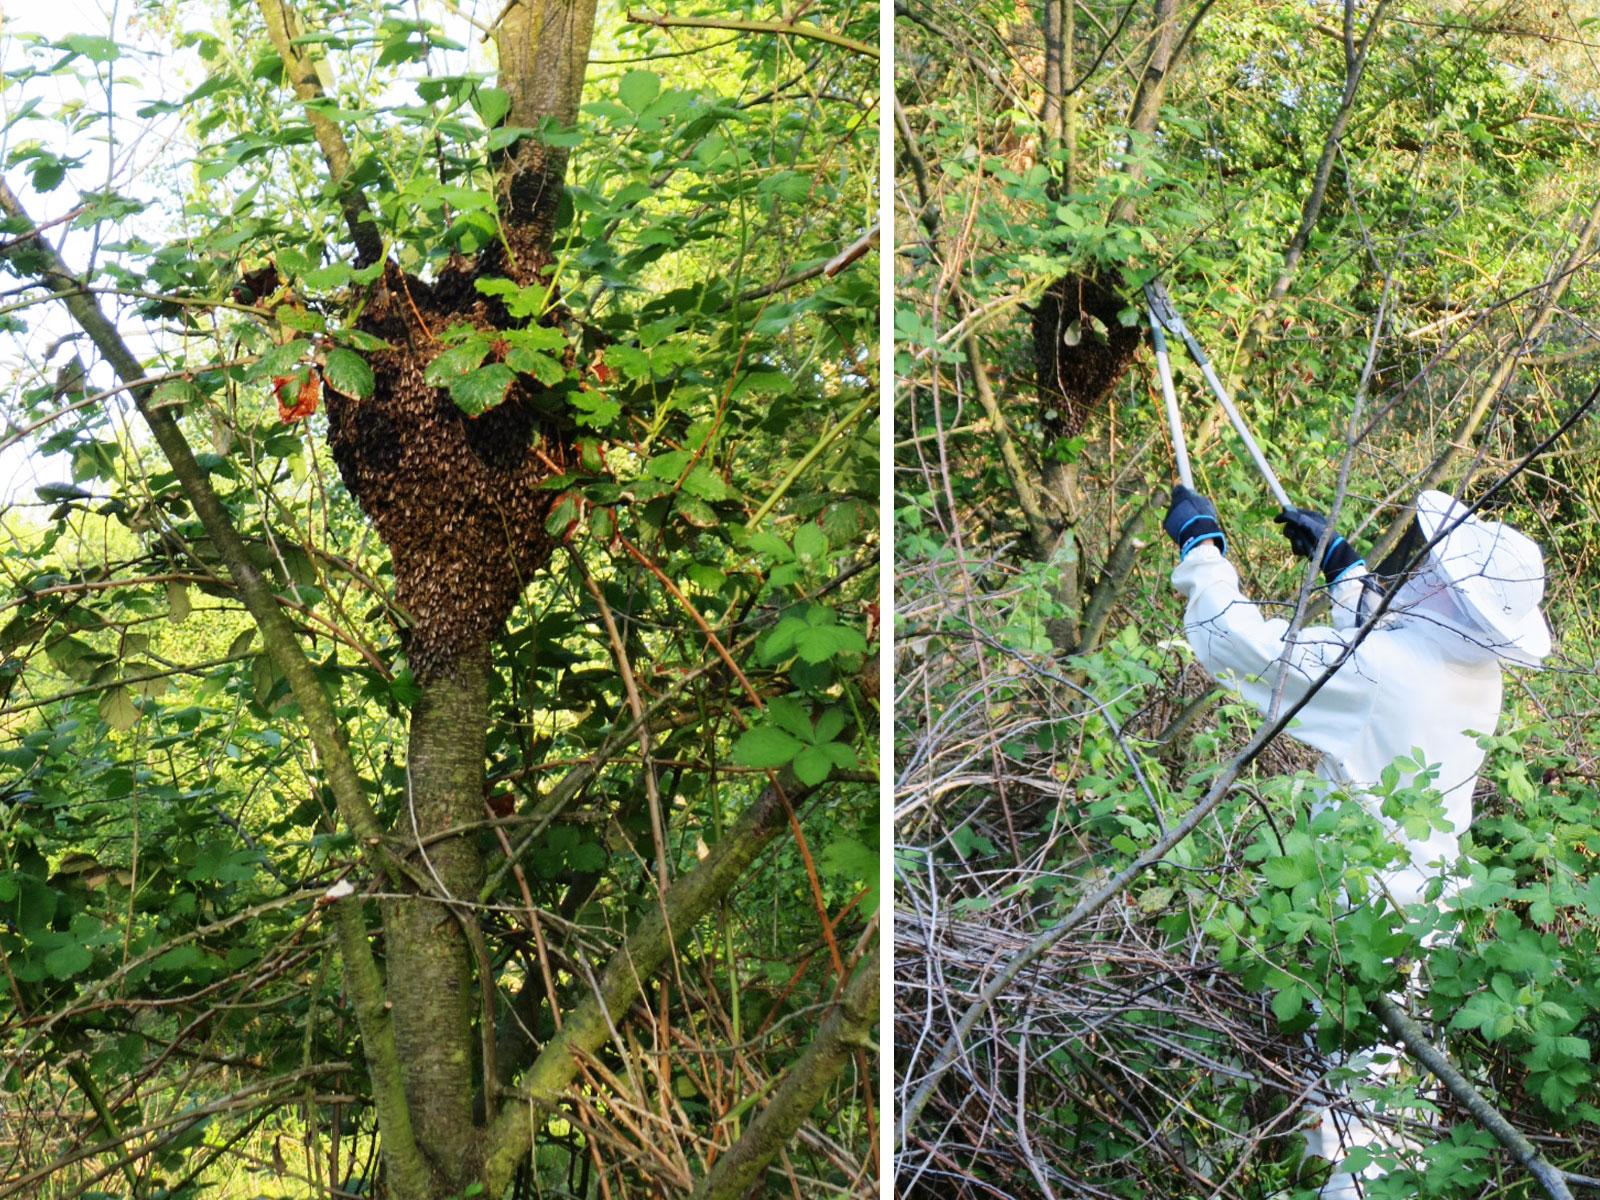 Umrankt von Brobeeren, wird der Dornröschen Bienenschwarm am ehemaligen Mauerstreifen gepflückt. - Tobias